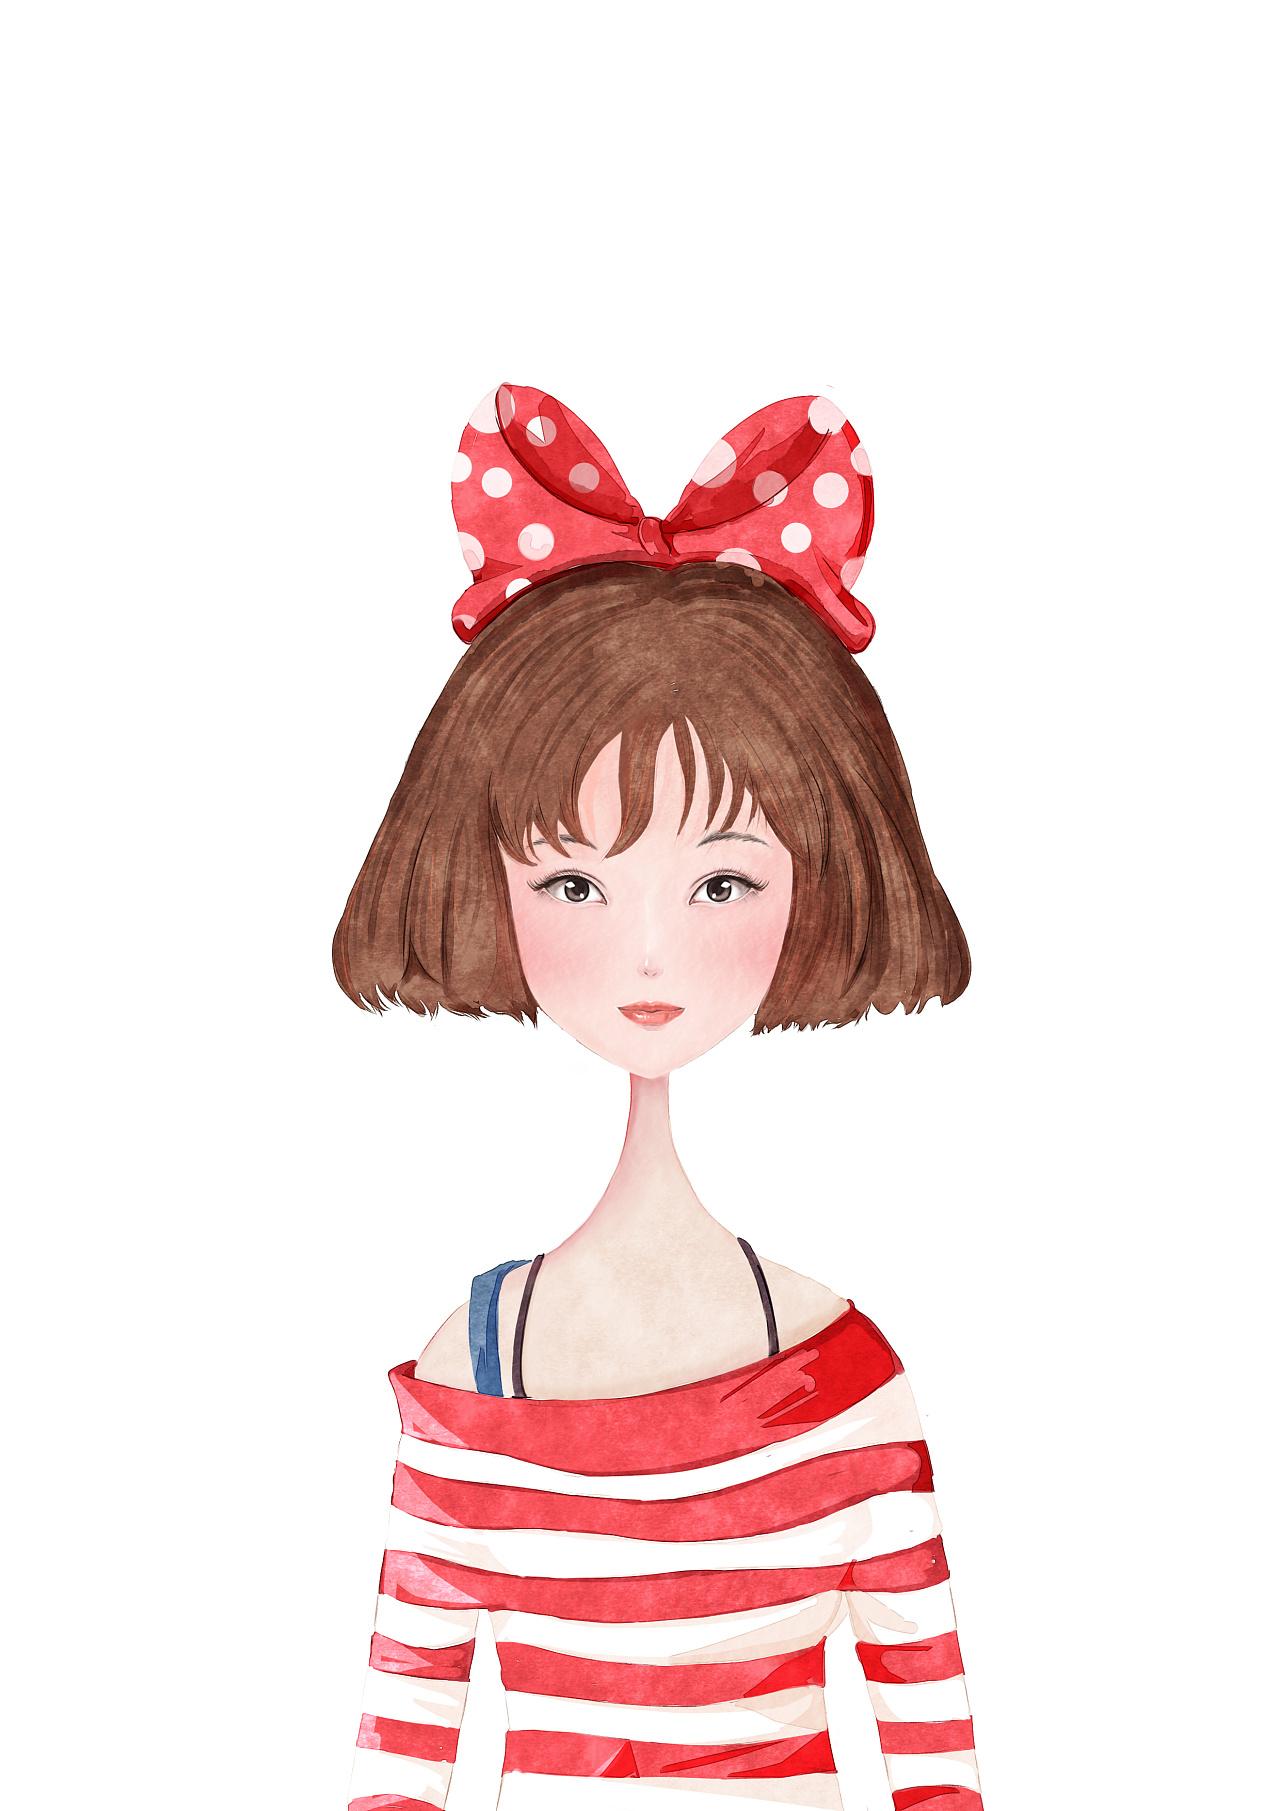 人物水彩插画|插画|商业插画|漫鱼动漫l神奇治 - 原创